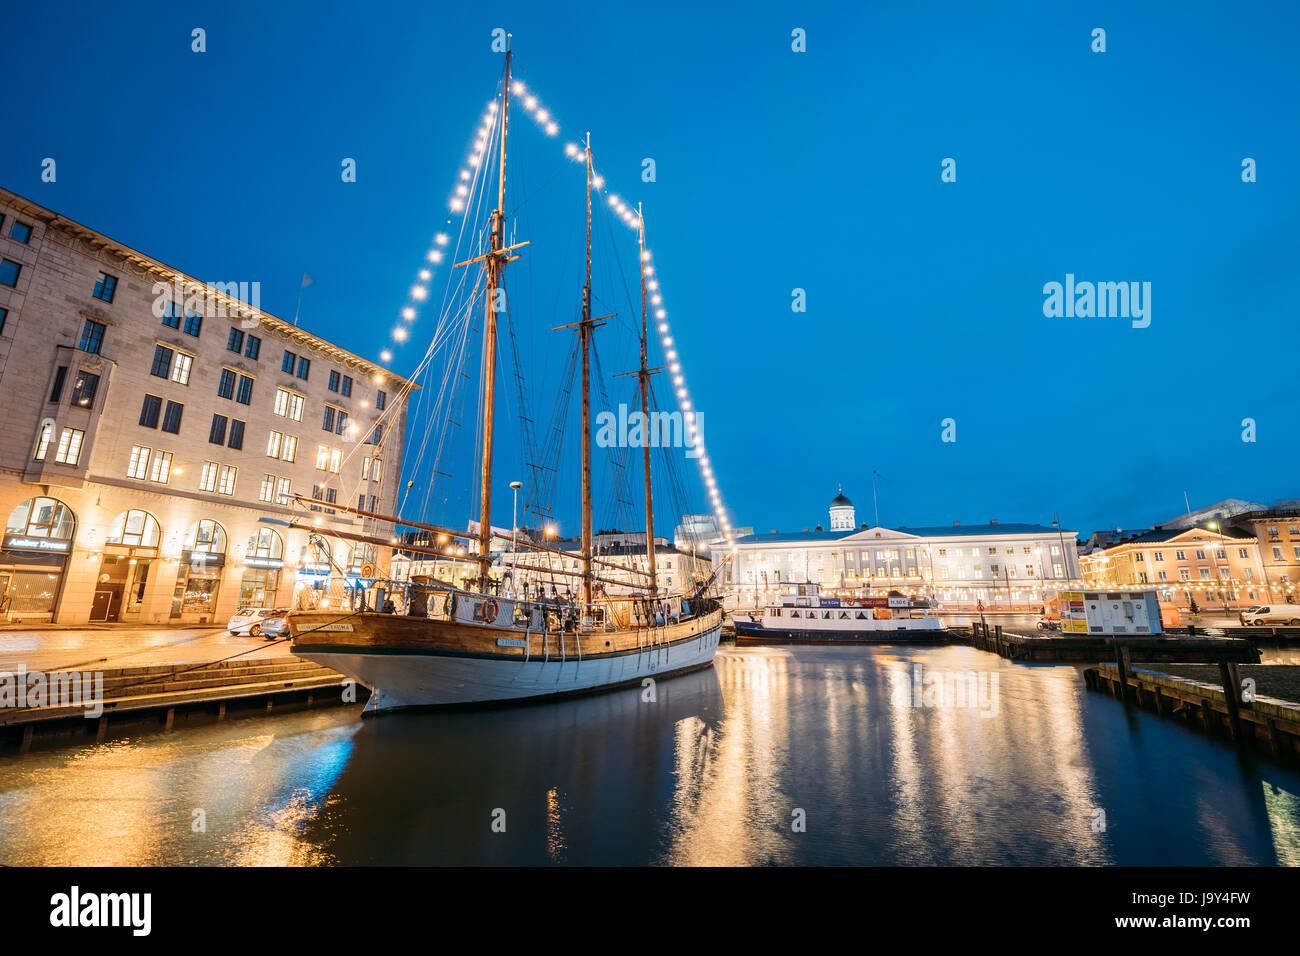 Helsinki, Finlandia - Diciembre 9, 2016: Antigua goleta velero de madera barco está amarrado al muelle de la Imagen De Stock